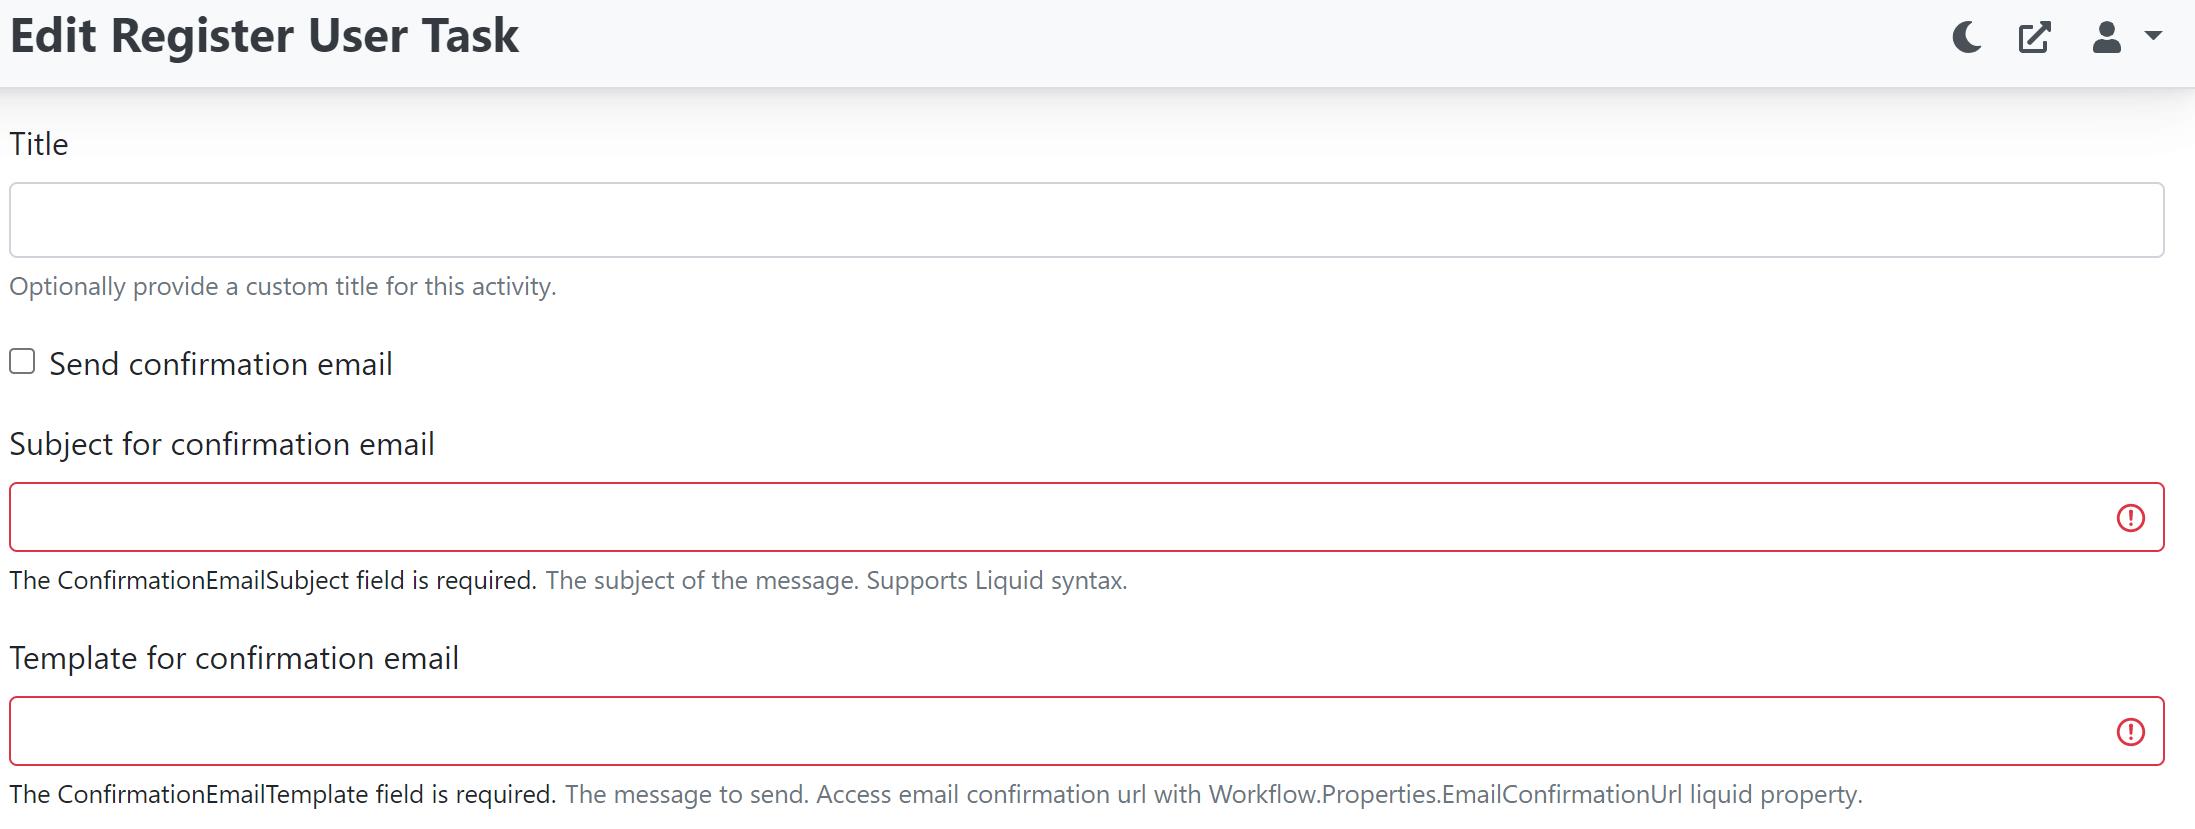 Send confirmation email in Register User Task